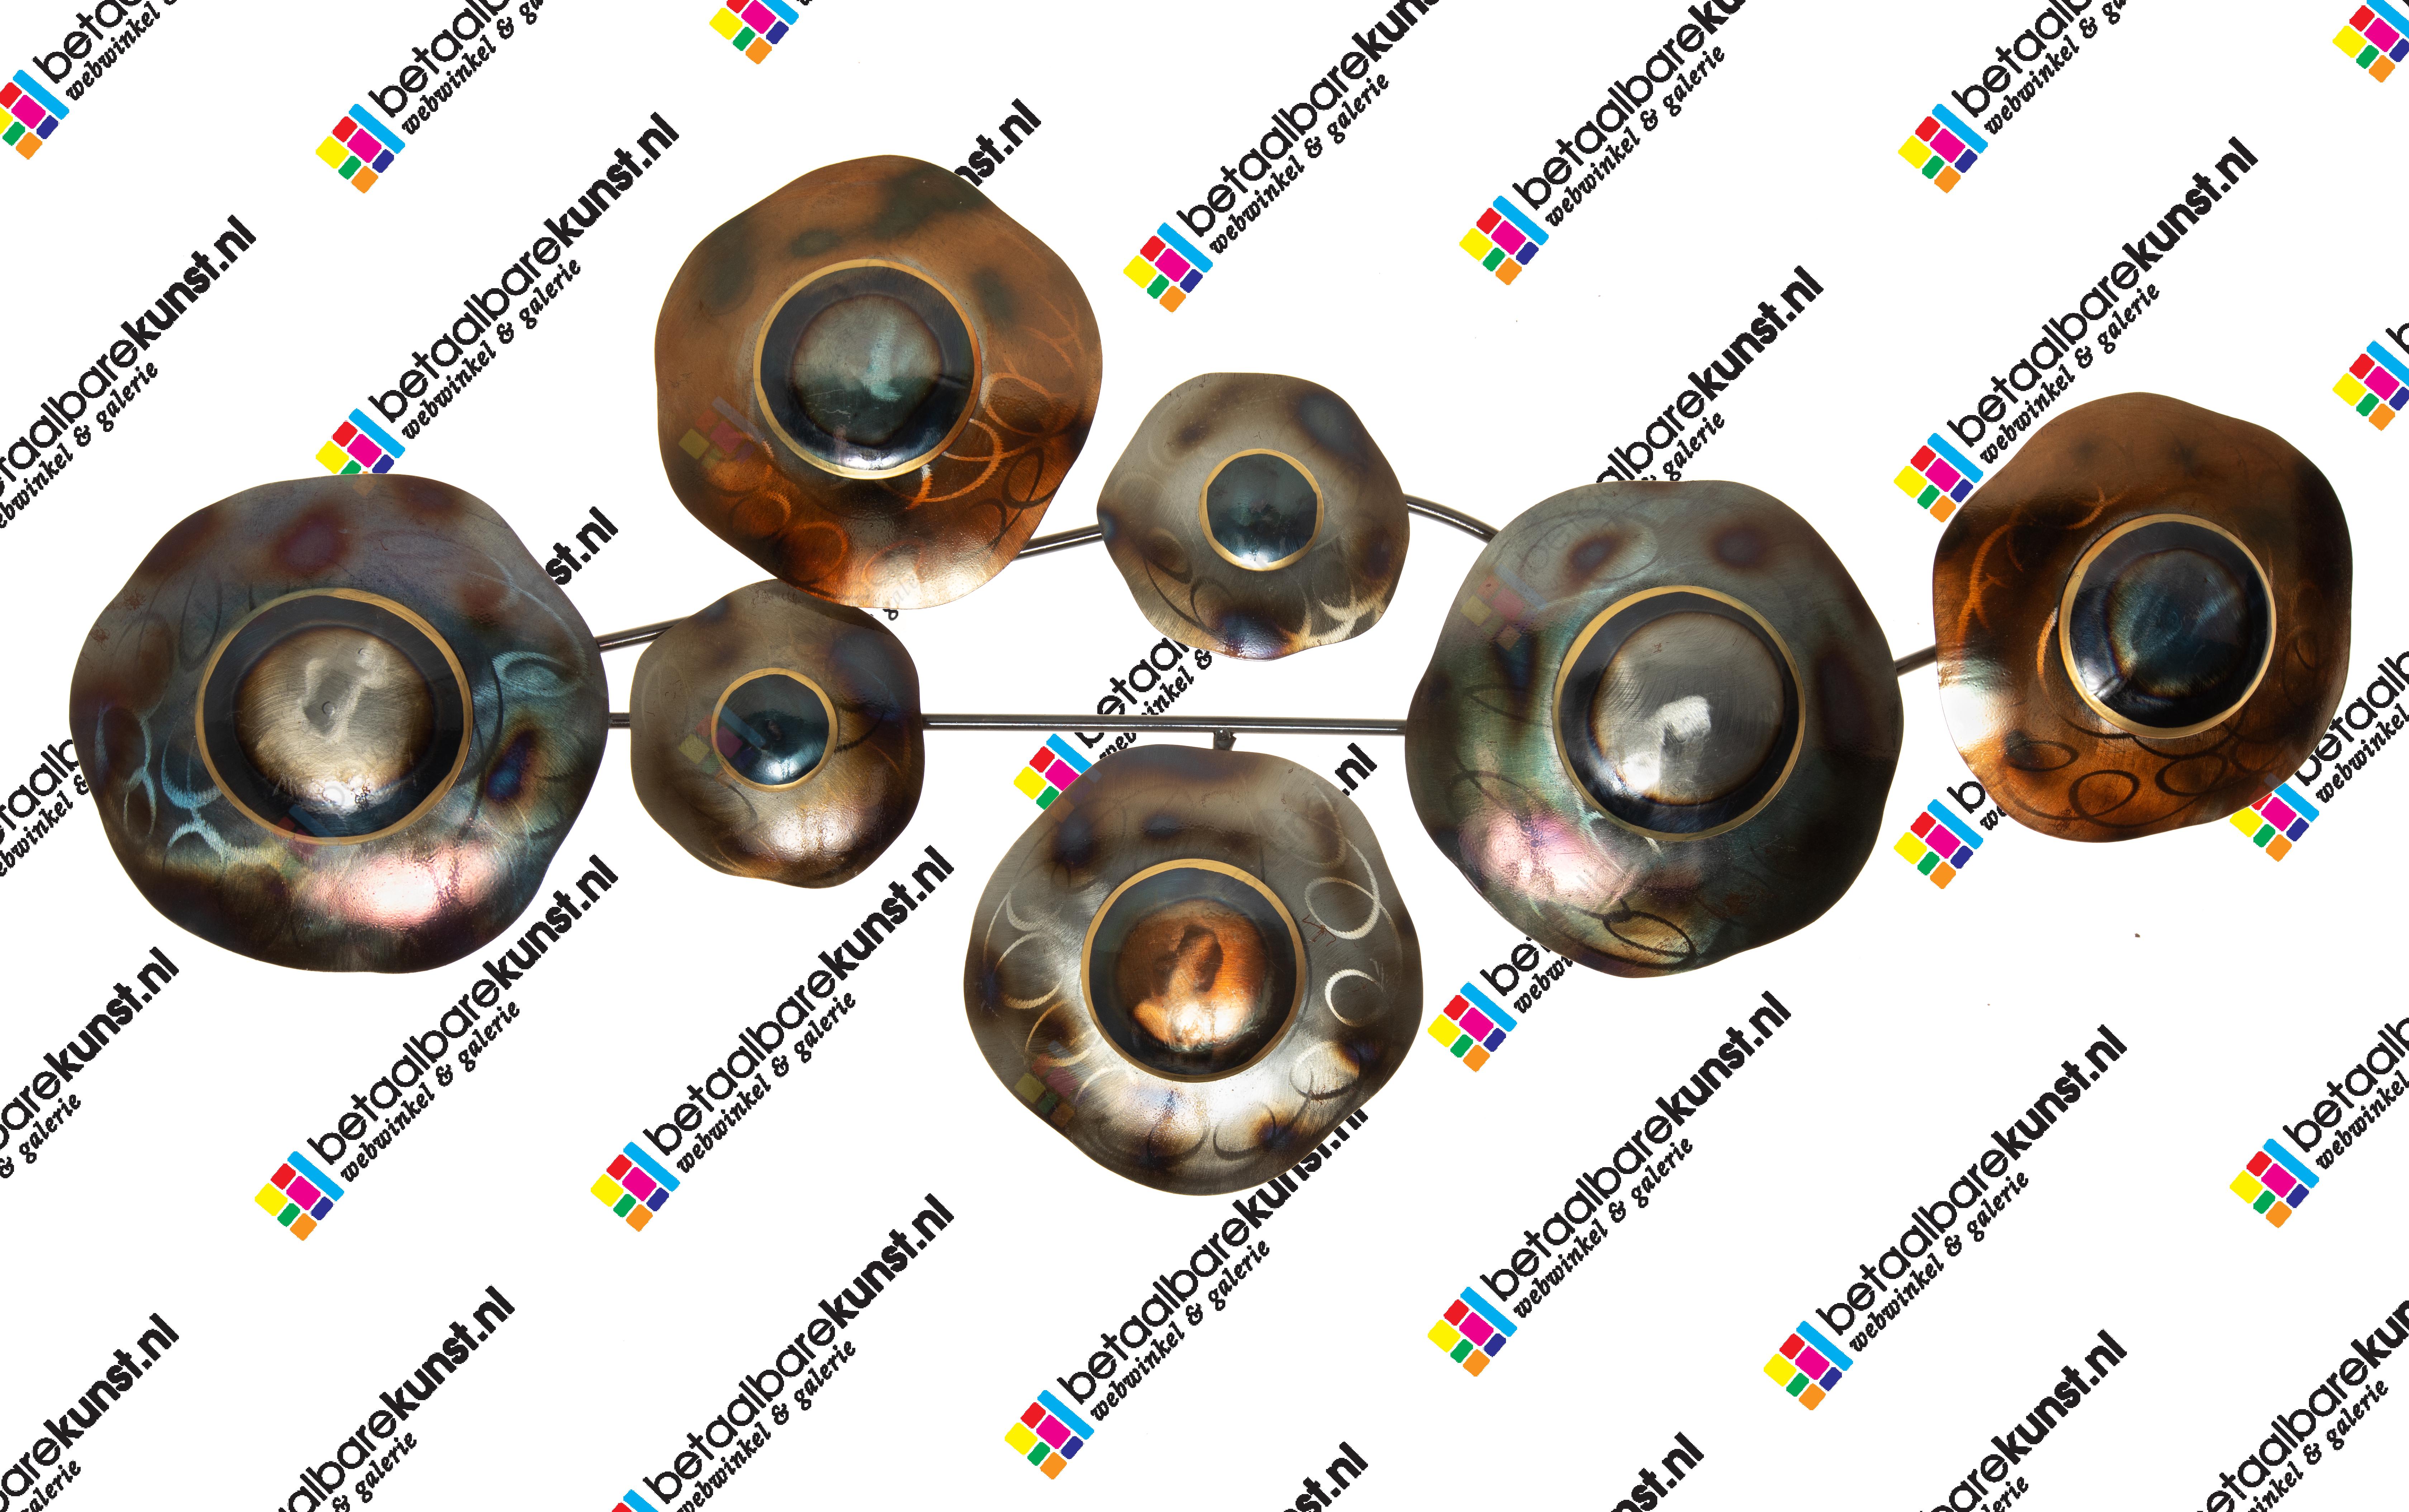 Ocular-Betaalbarekunst-3DKunstwerken-1395